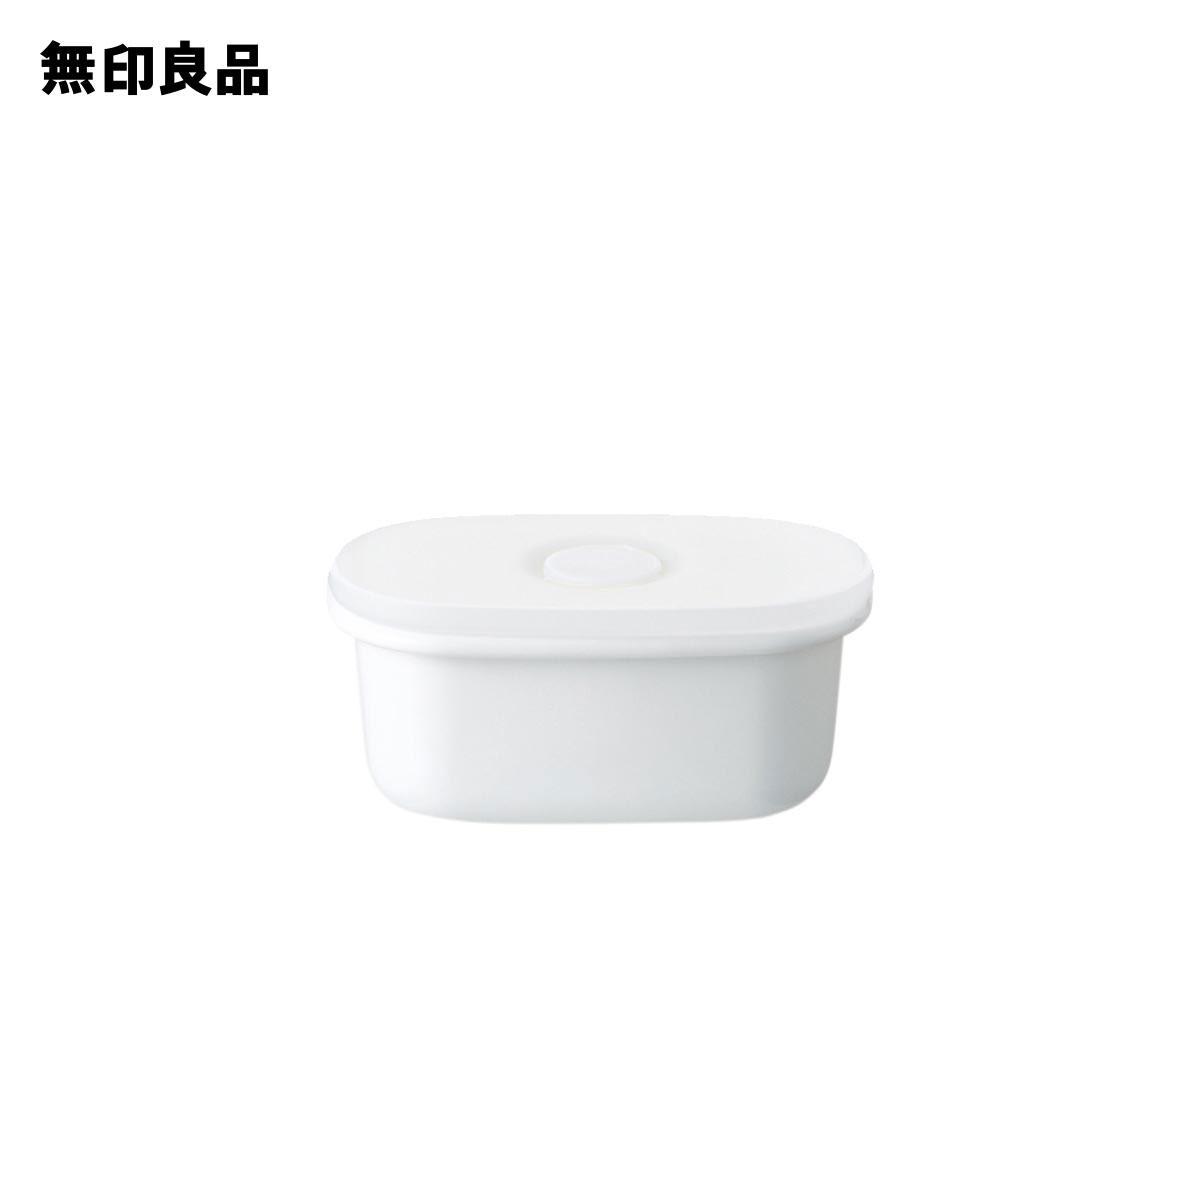 安い 無印良品 人気の製品 公式 液体とニオイが漏れないバルブ付き密閉ホーロー保存容器 小